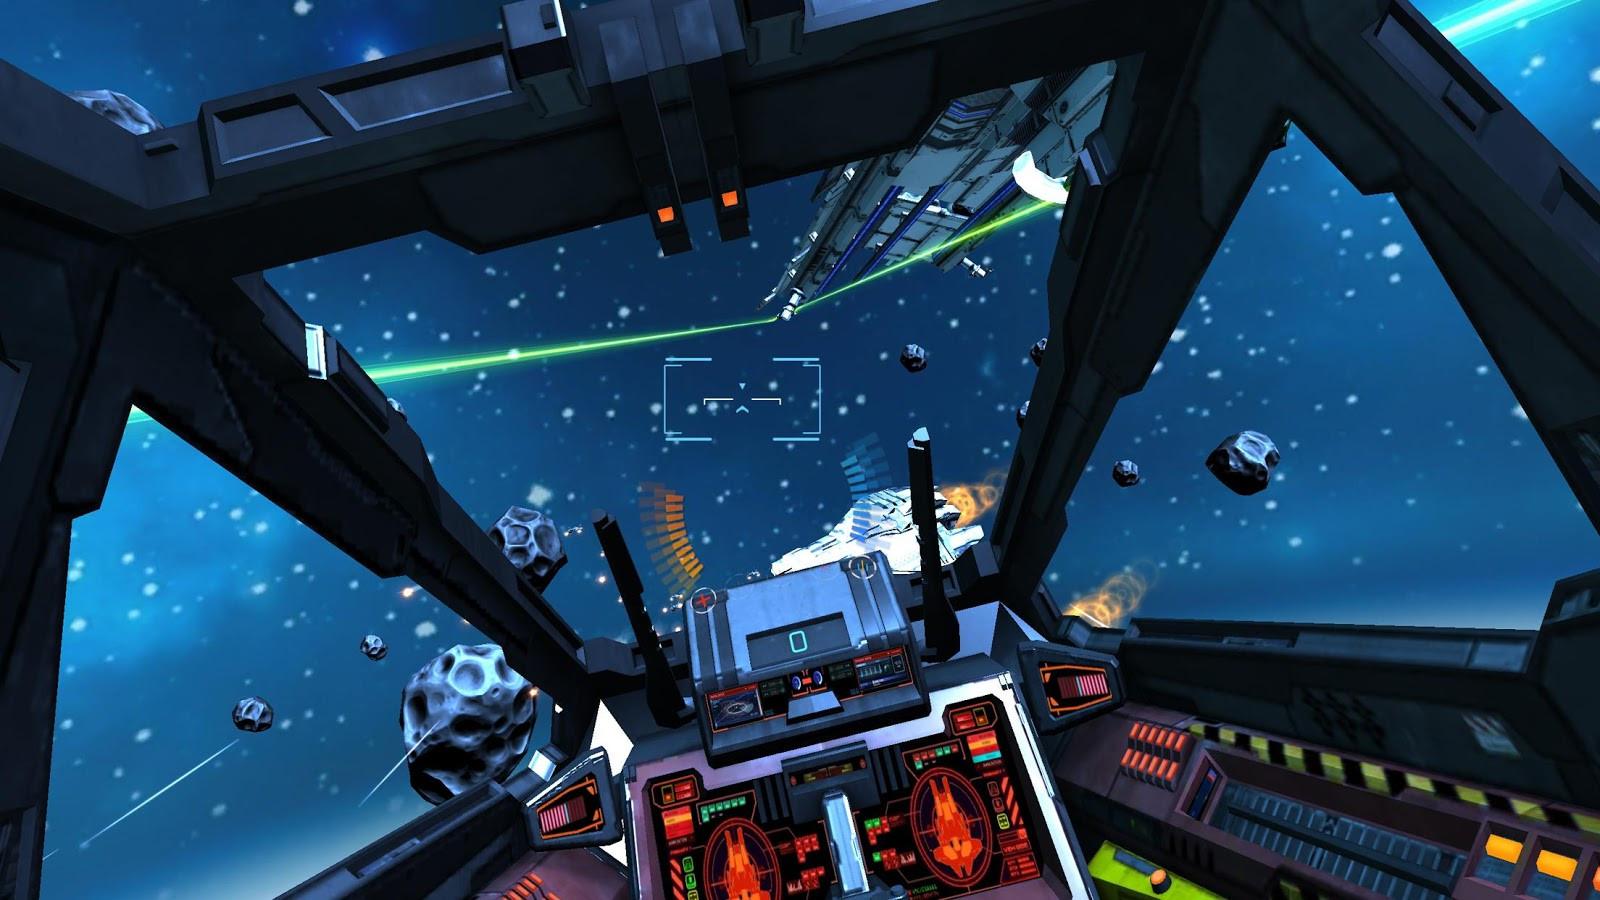 Minos-Starfighter-Virtual-Reality.jpg